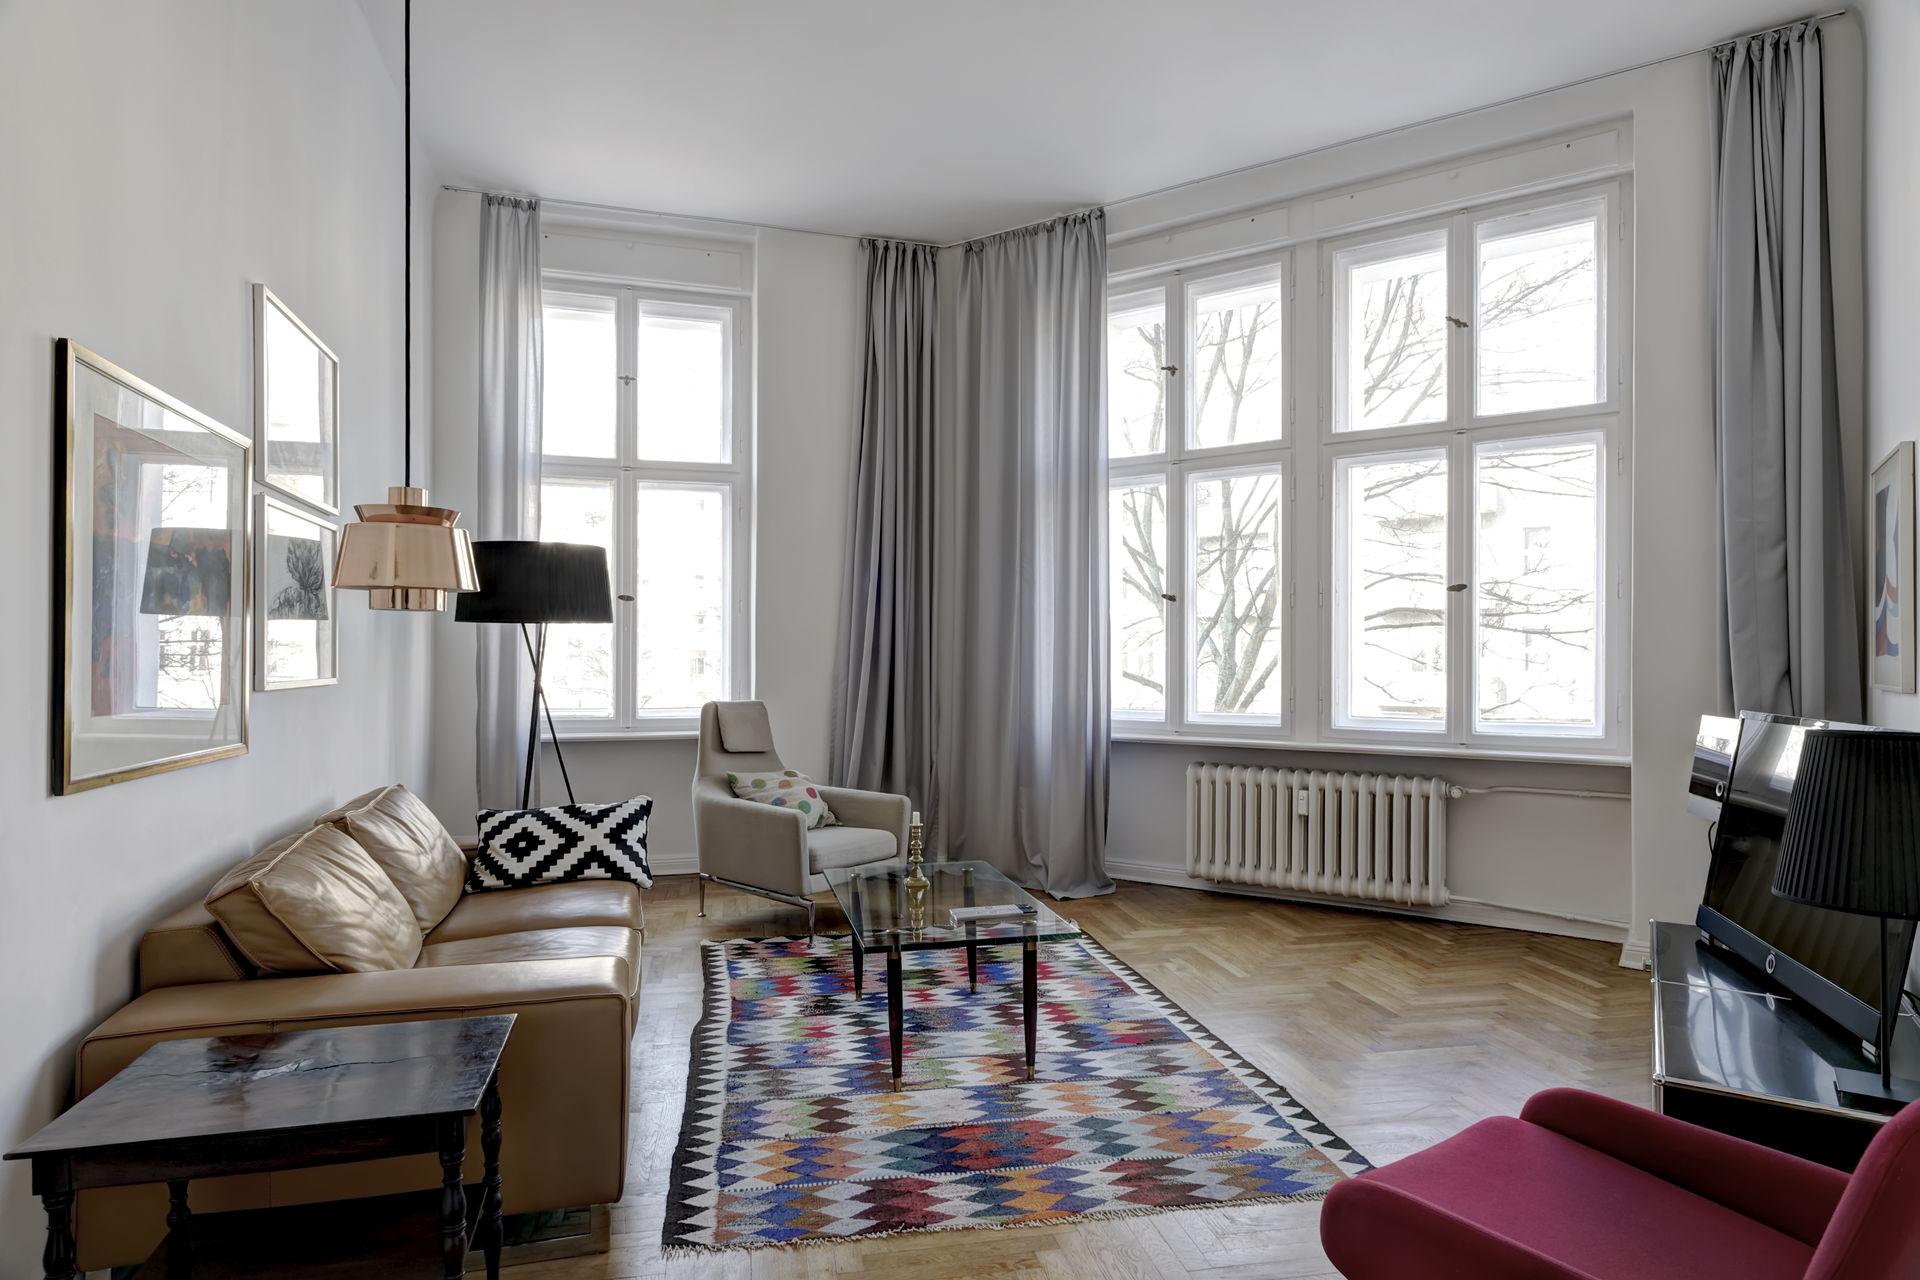 wunderbare wohnung im prestigereichen wilmersdorf. Black Bedroom Furniture Sets. Home Design Ideas